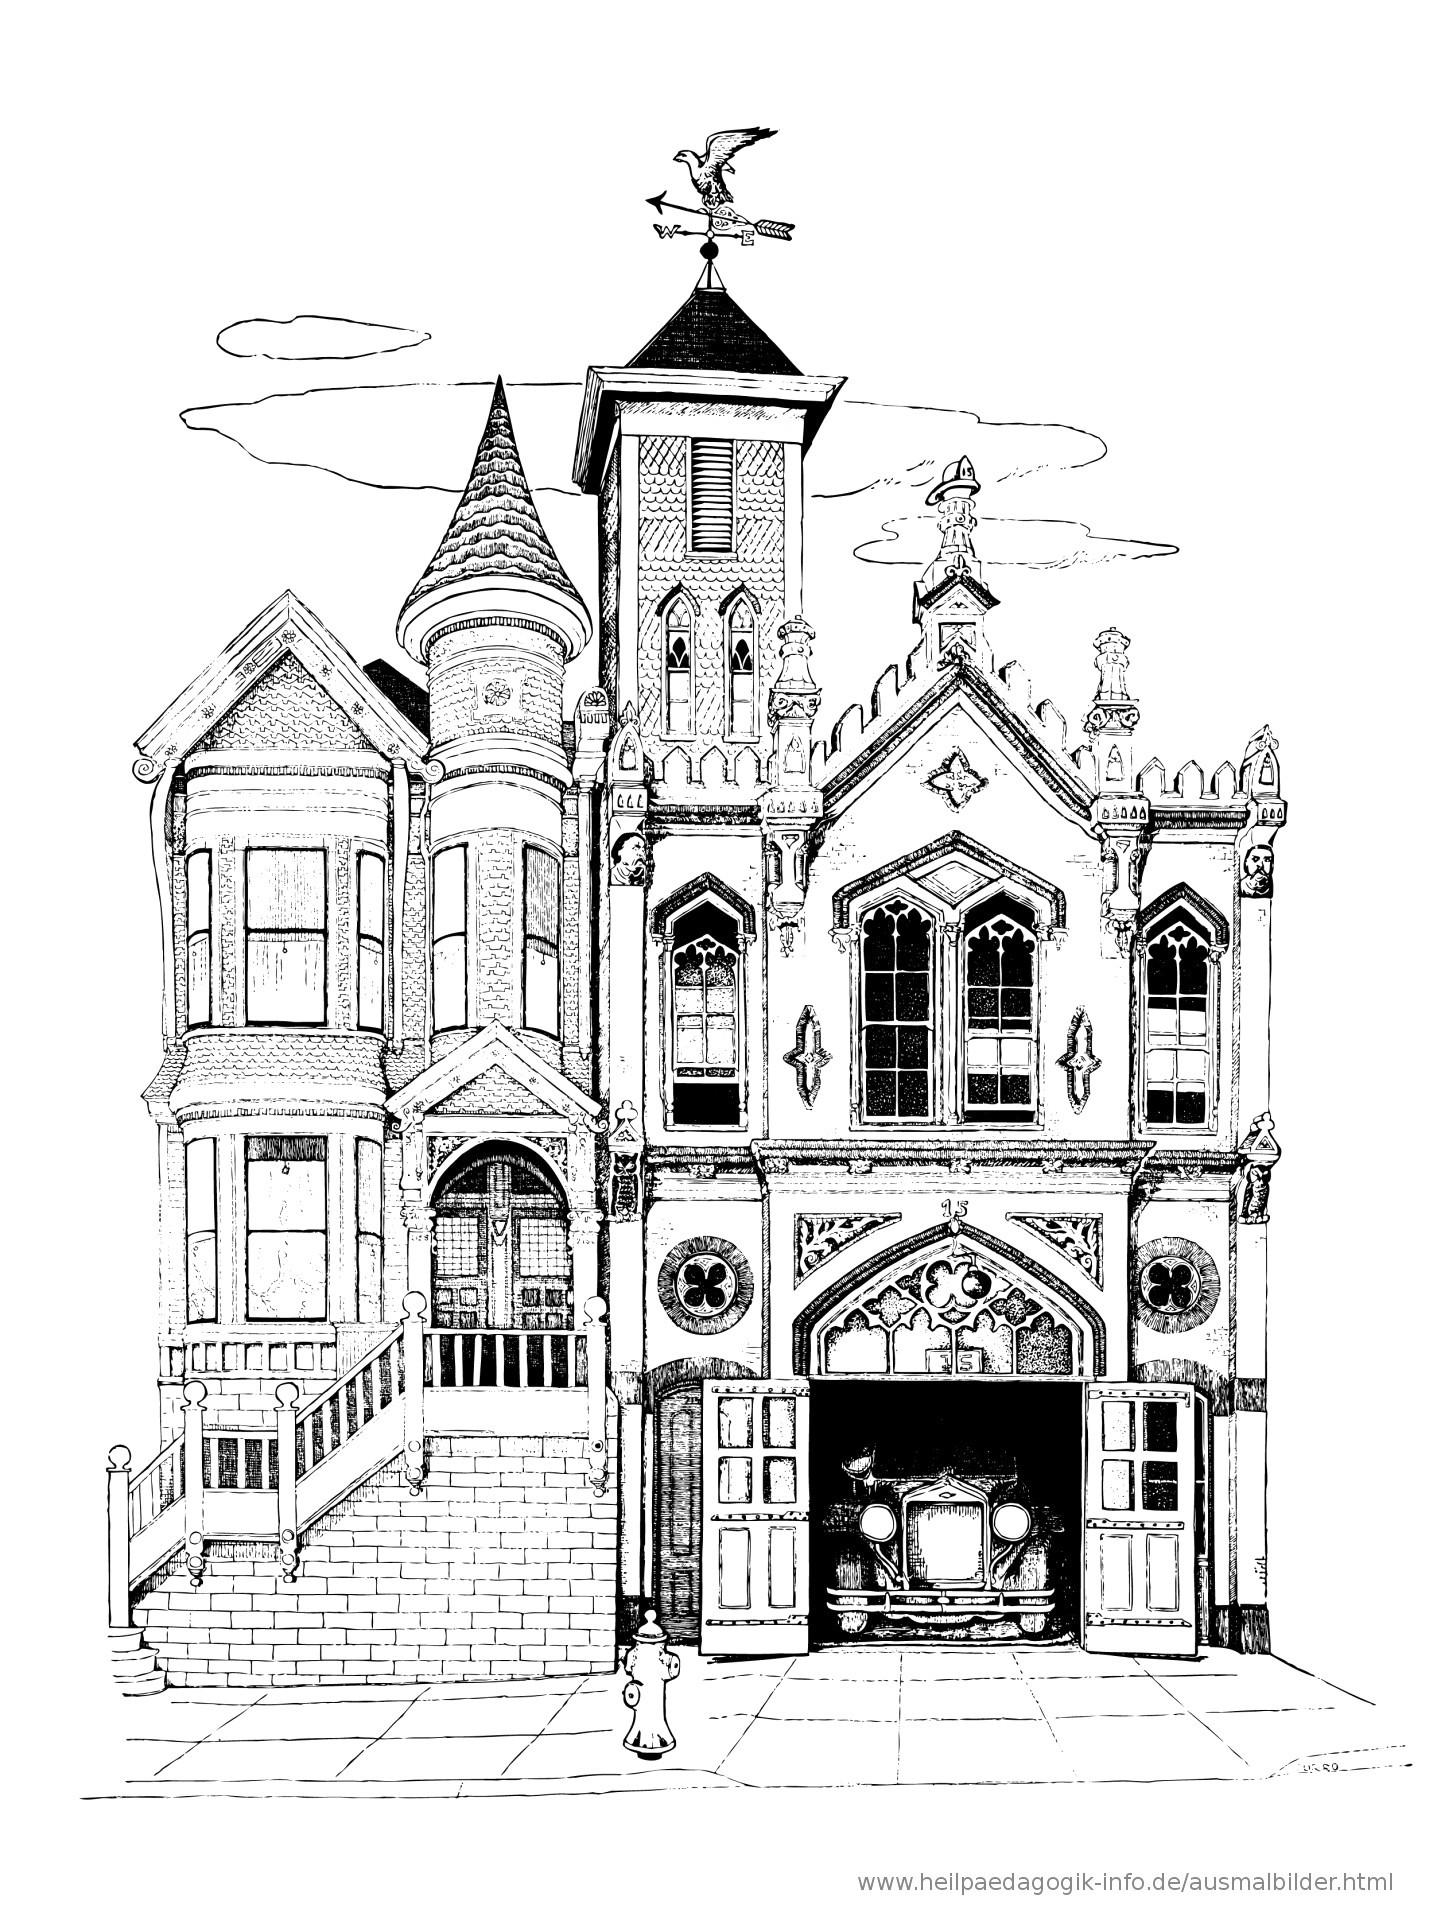 Ausmalbilder Haus Mit Garten Das Beste Von Ausmalbilder Häuser Und Gebäude Avec Ausmalbild Haus Innen Et Galerie